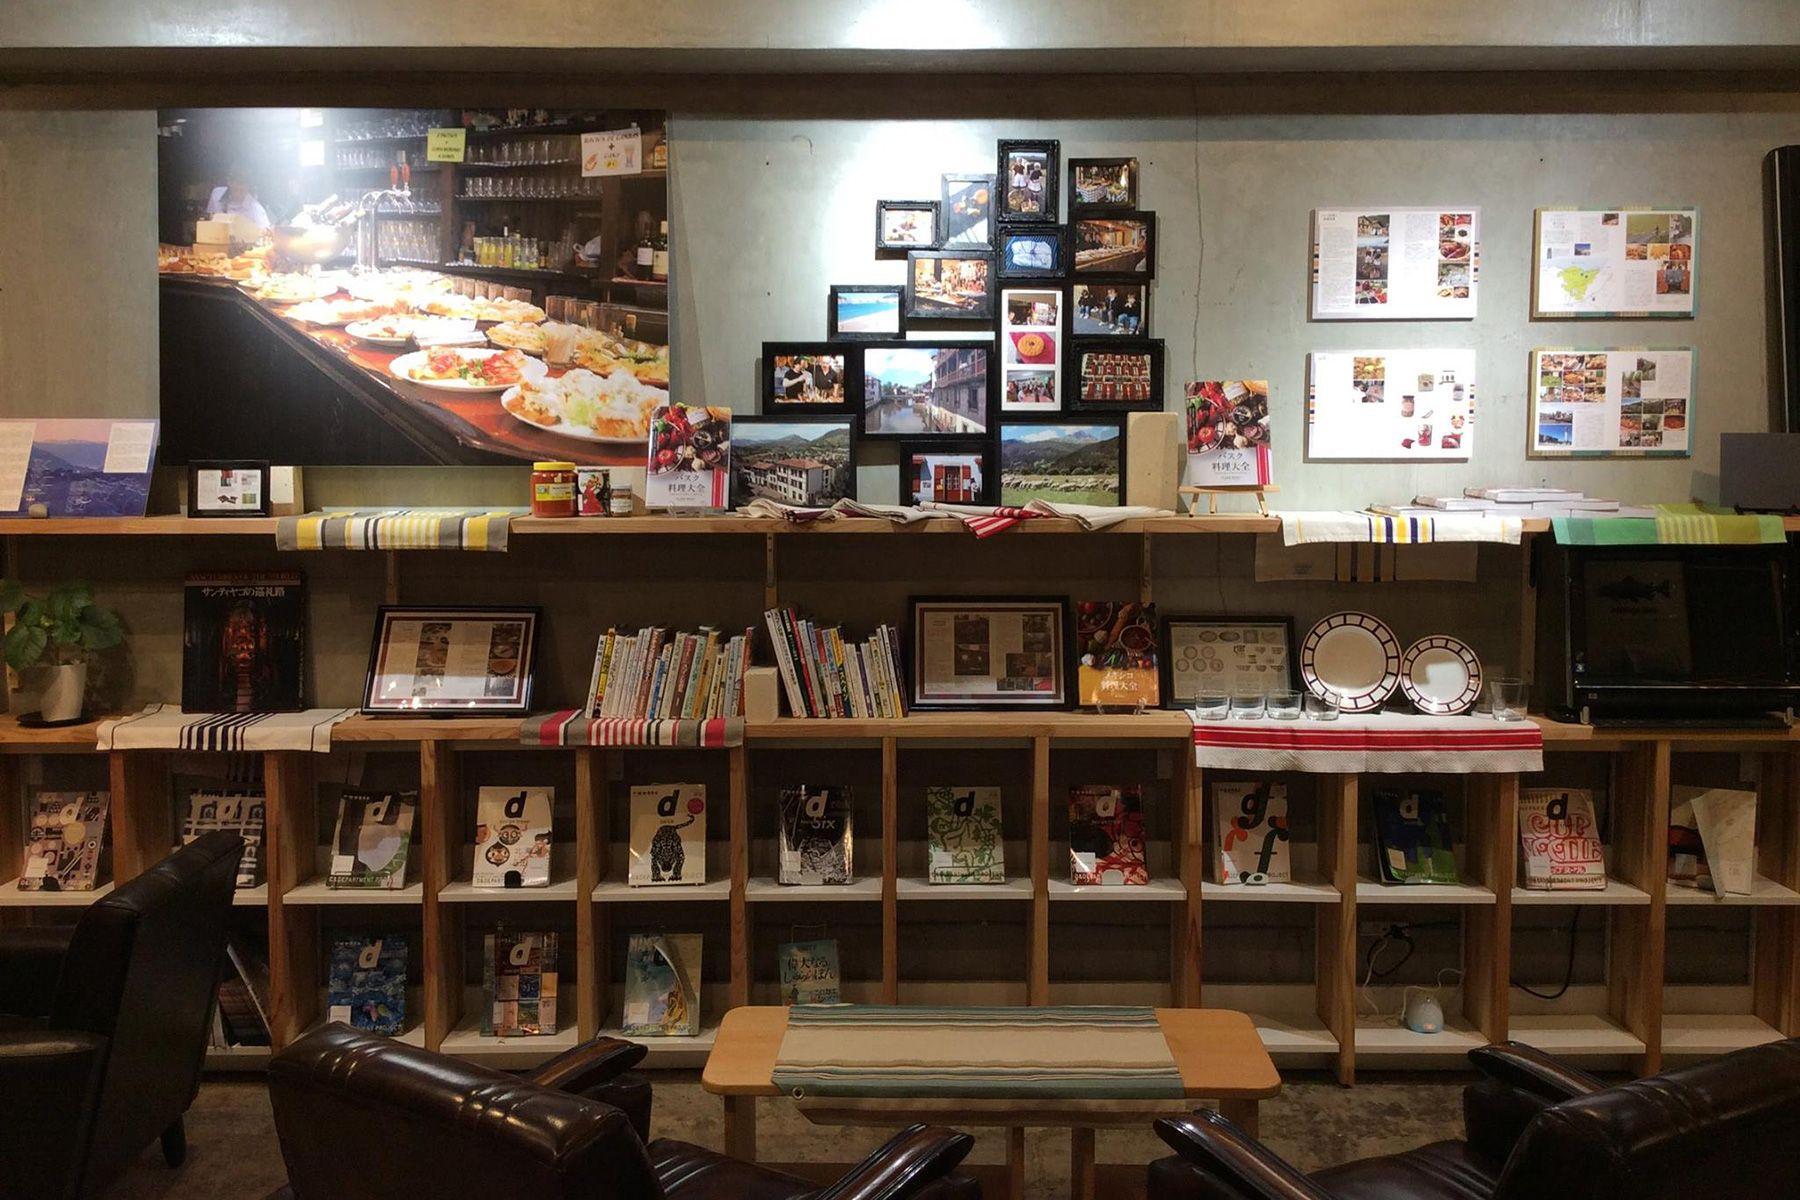 KAIDO books&coffee (カイドブックスアンドコーヒー)1F 壁の展示物は季節ごとに変更